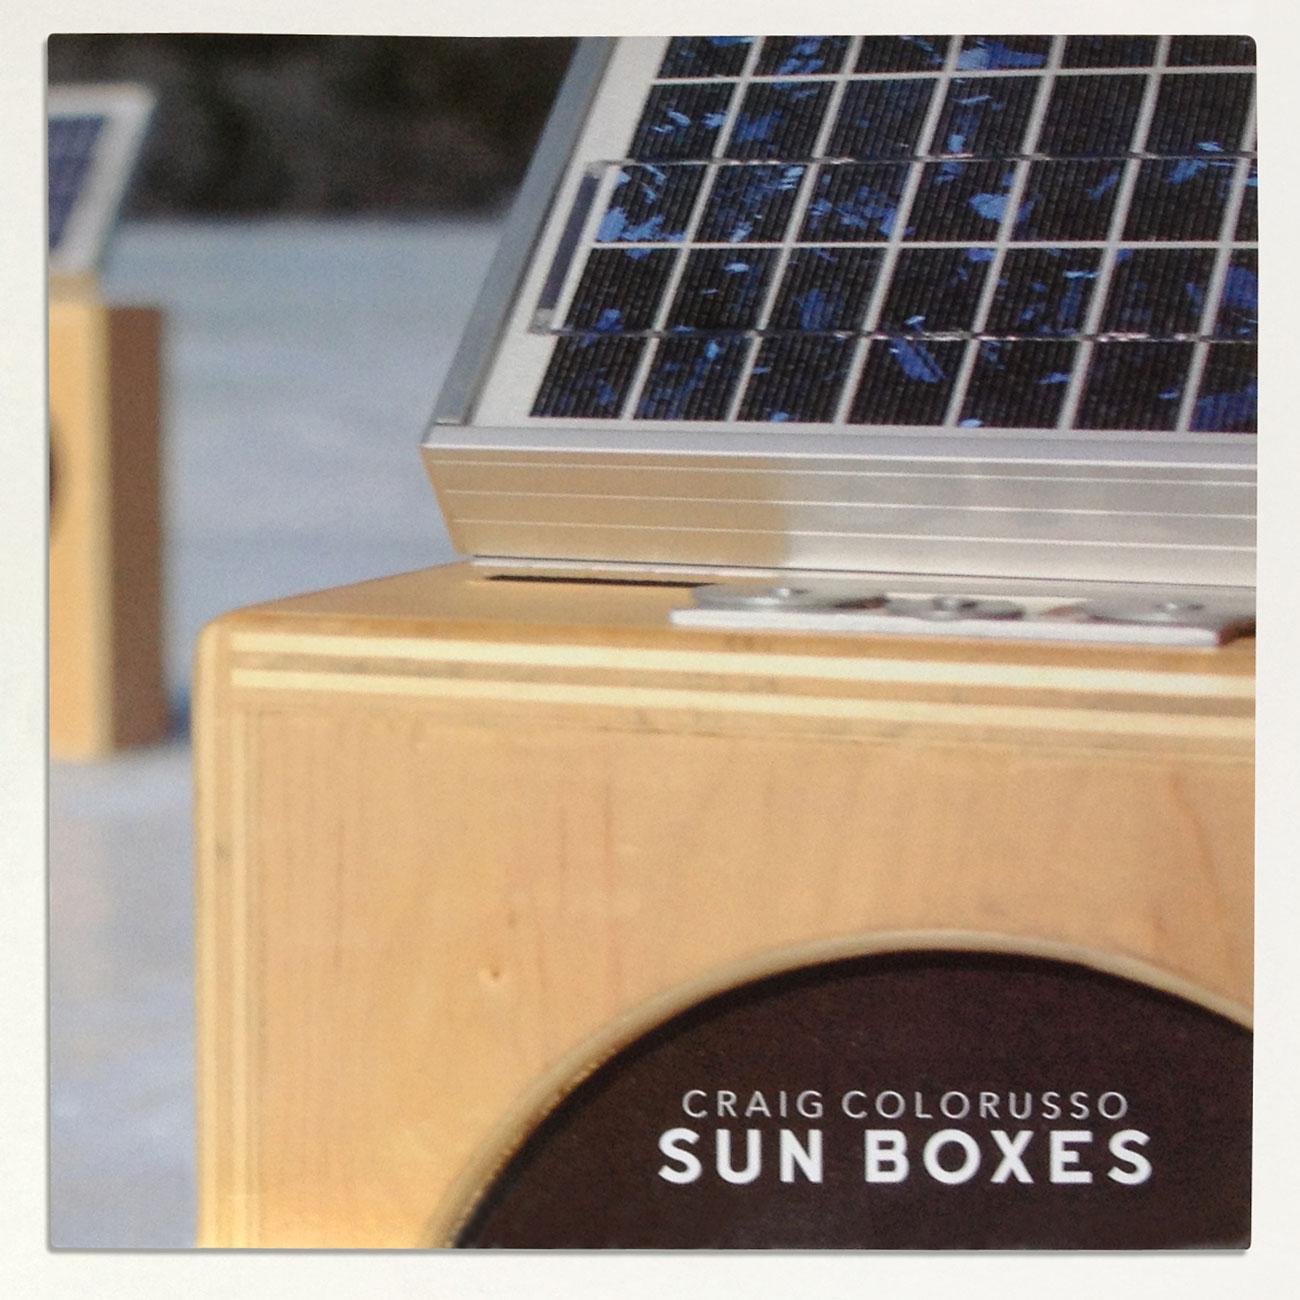 Craig Colorusso Sun Boxes 45